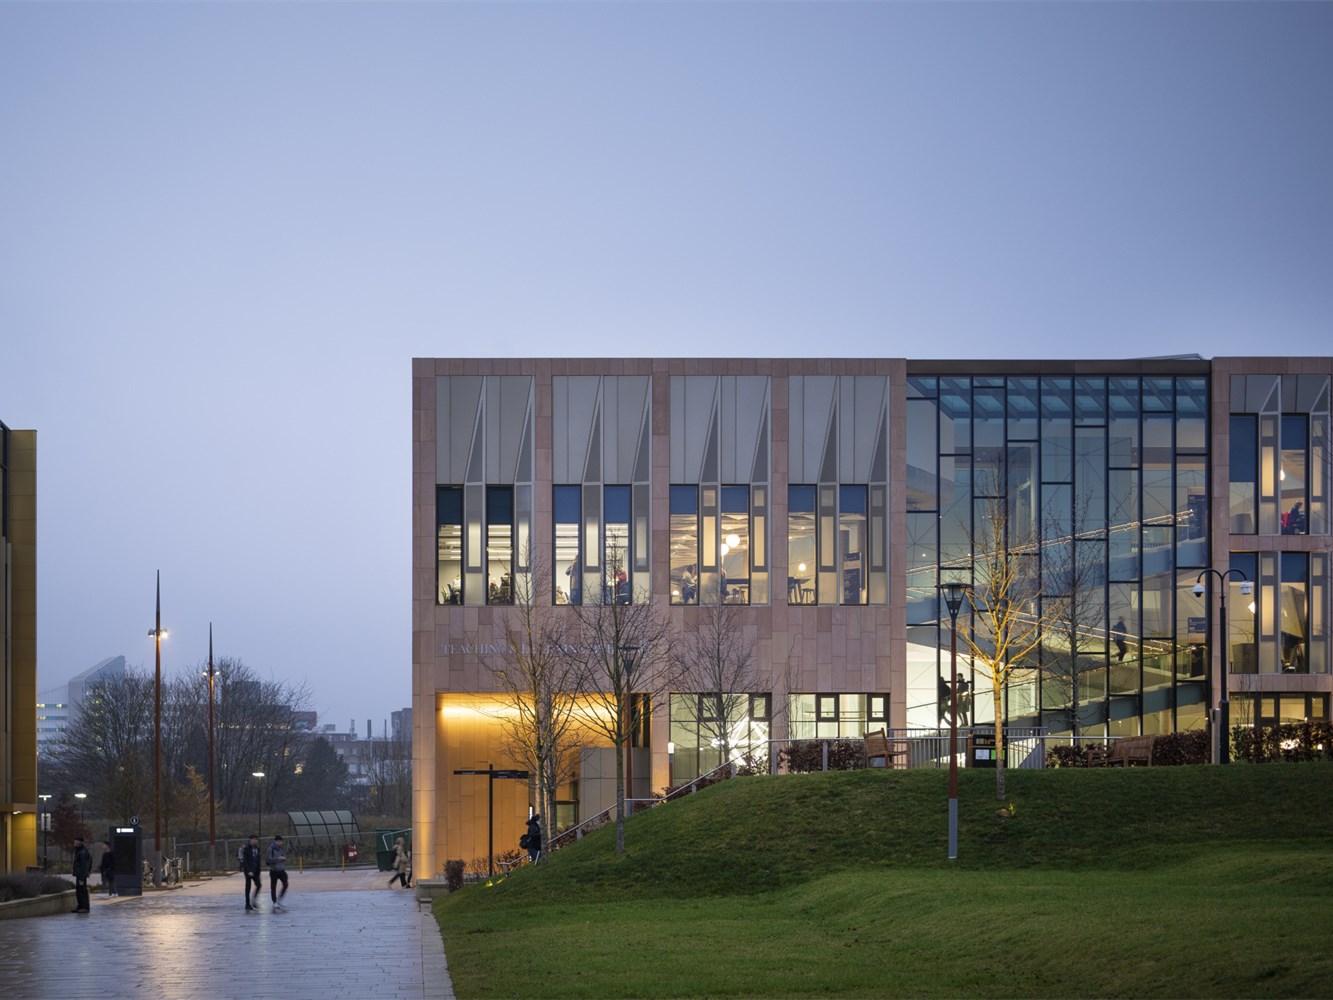 英国伯明翰大学教学楼